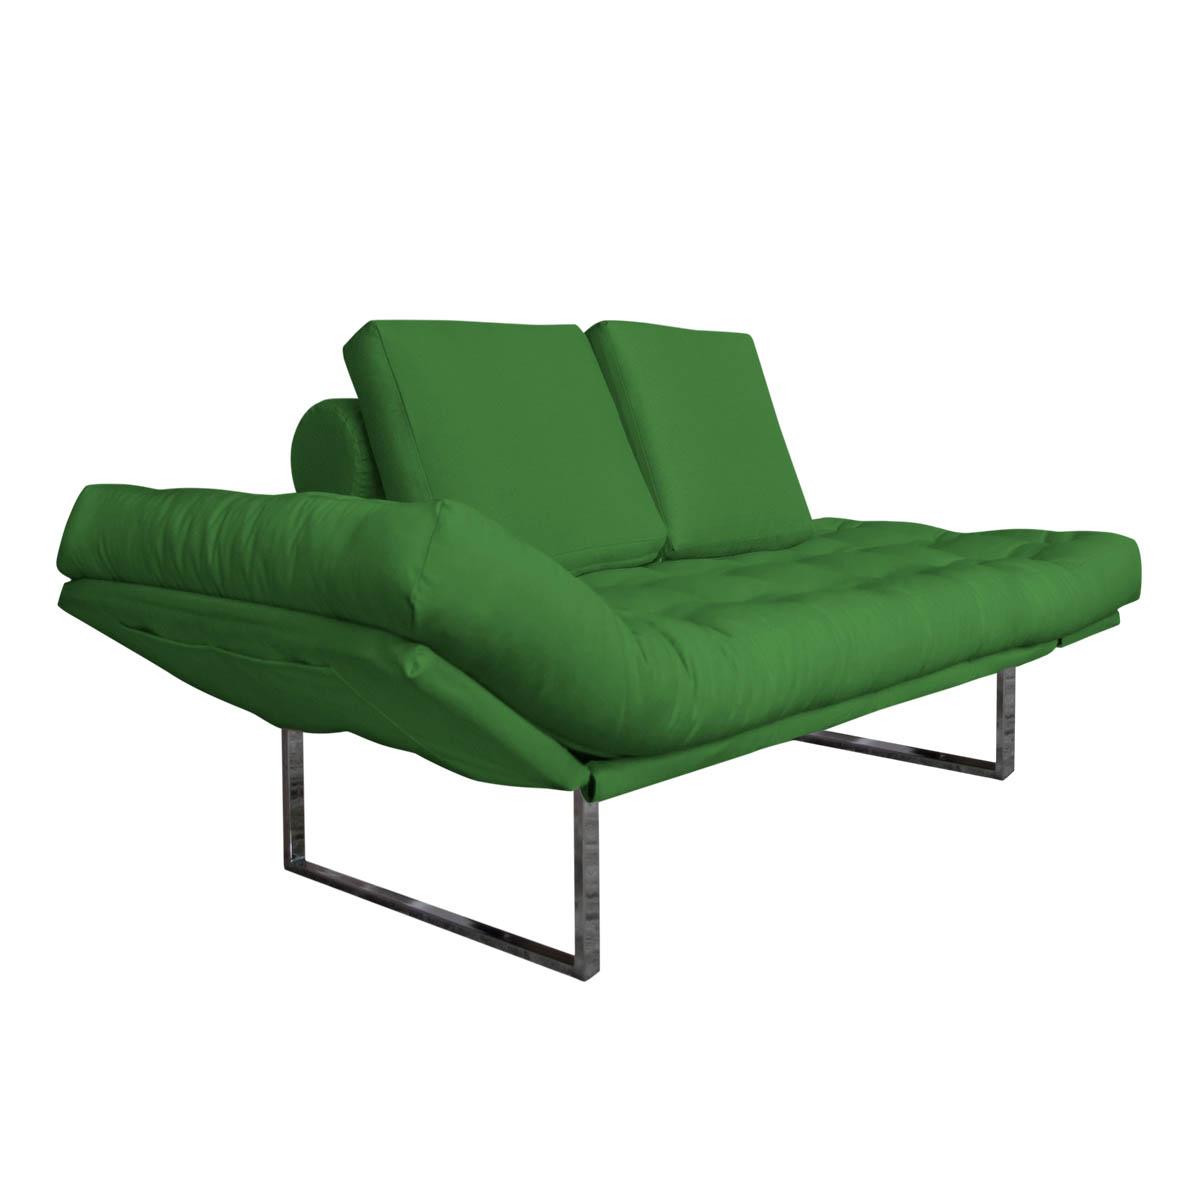 Sofa-cama-ClicClac-Oslo-Tecido-Lonita-45-Folhagem-02